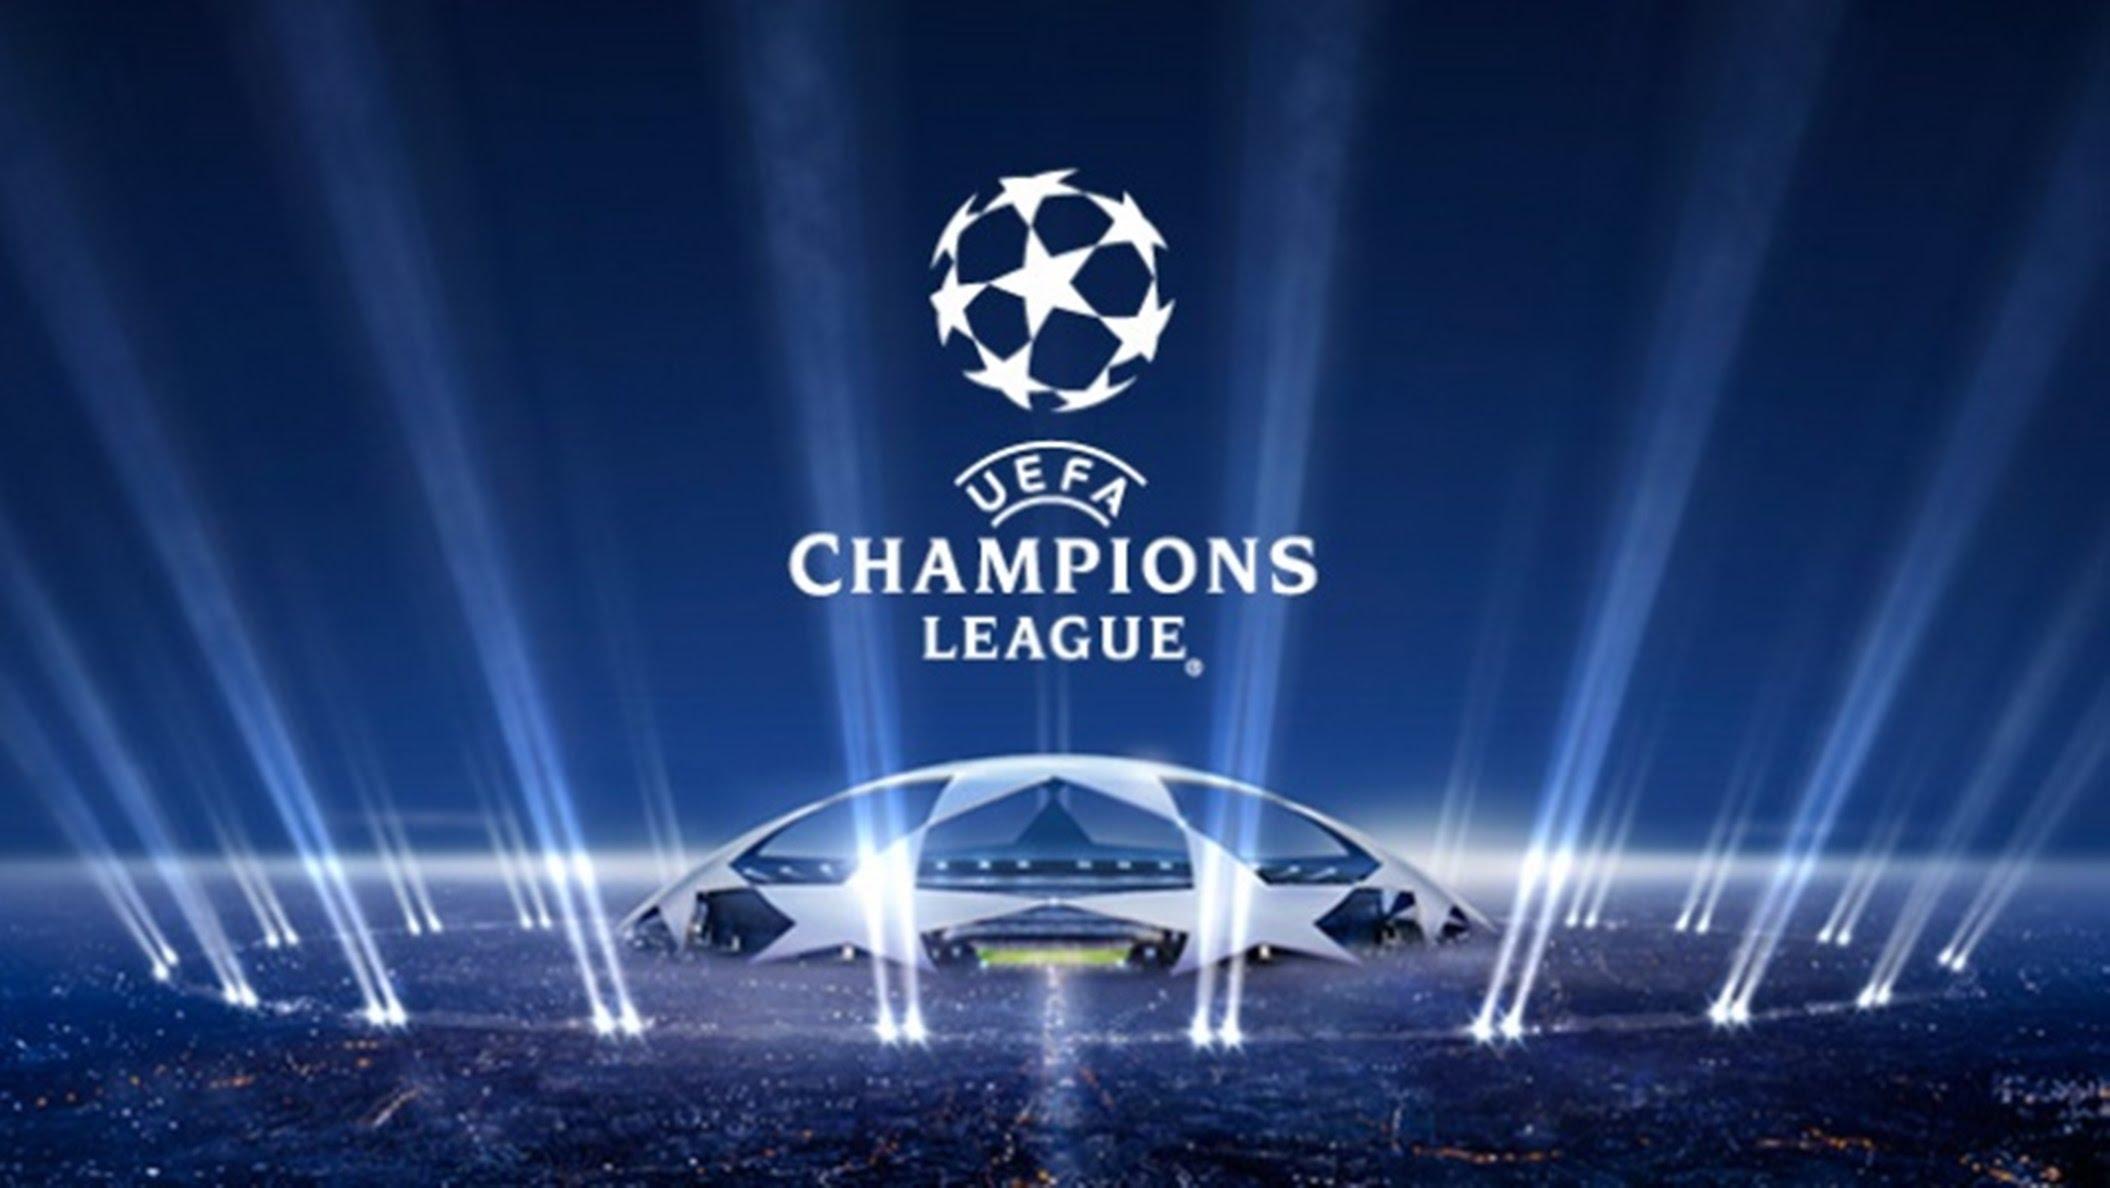 Ligue des Champions va etre deplacee